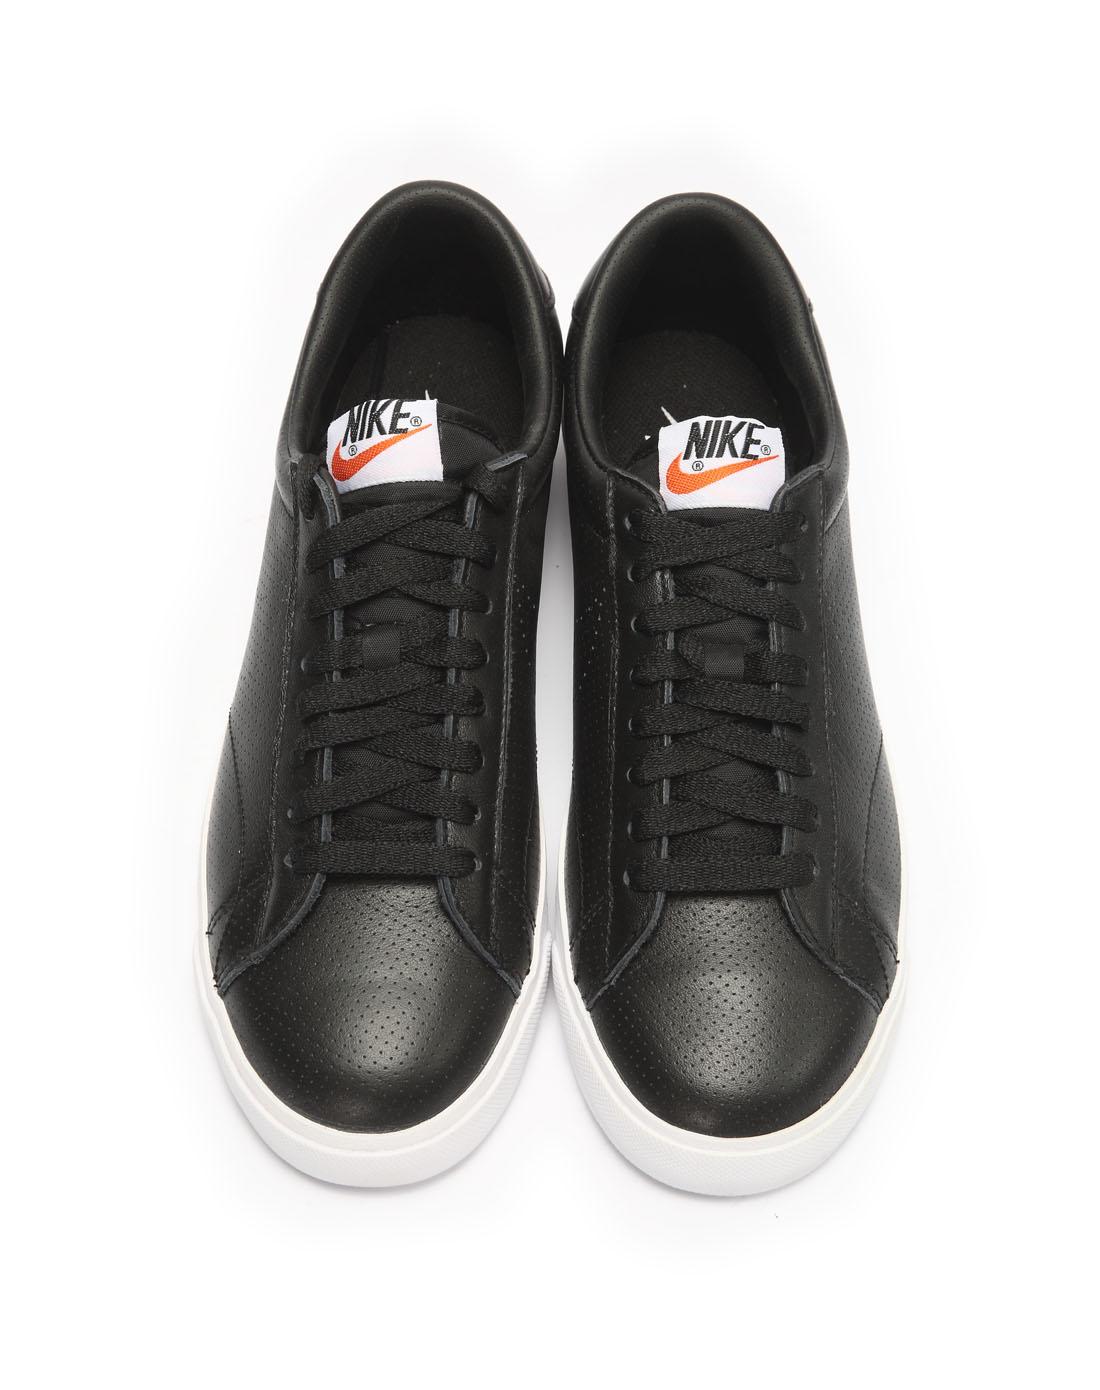 耐克nike男子黑色复古鞋429602-011